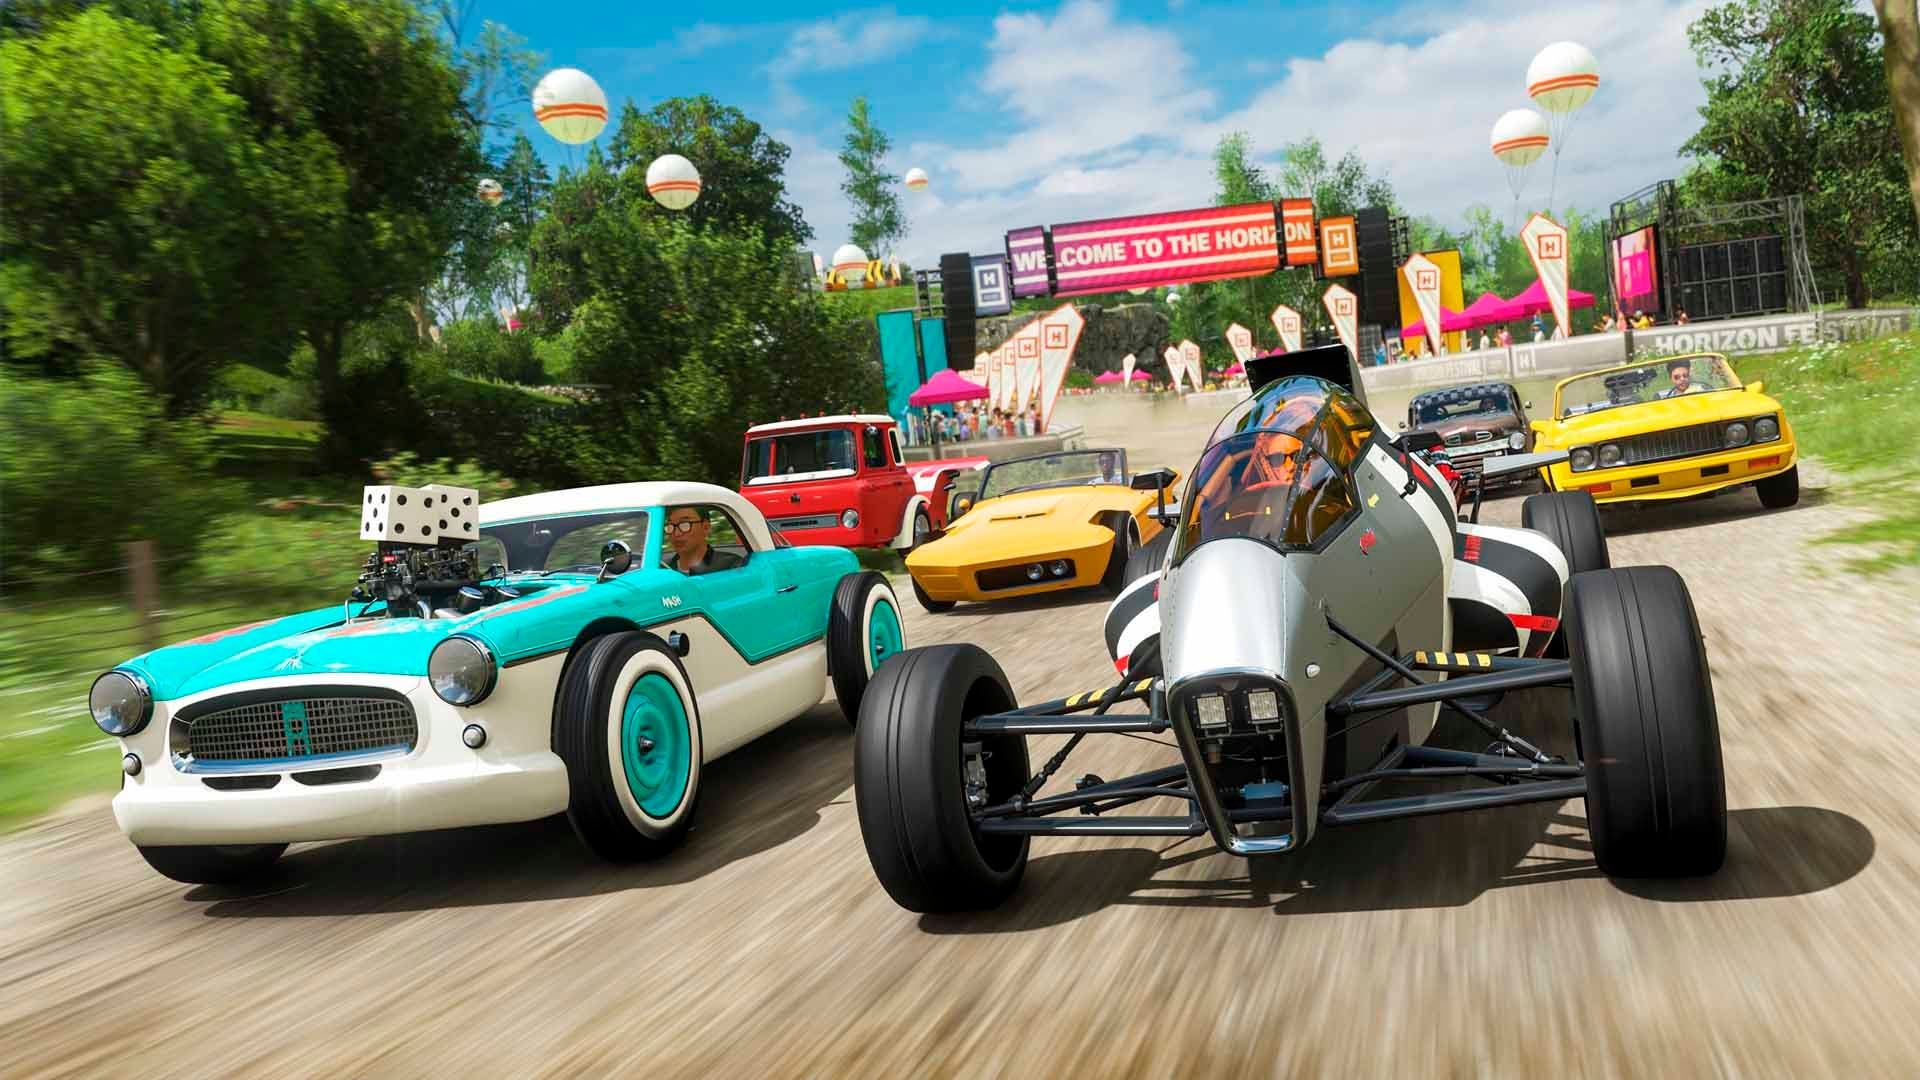 Los coches de Hot Wheels llegan a Forza Horizon 4 en un nuevo pack de contenidos 10